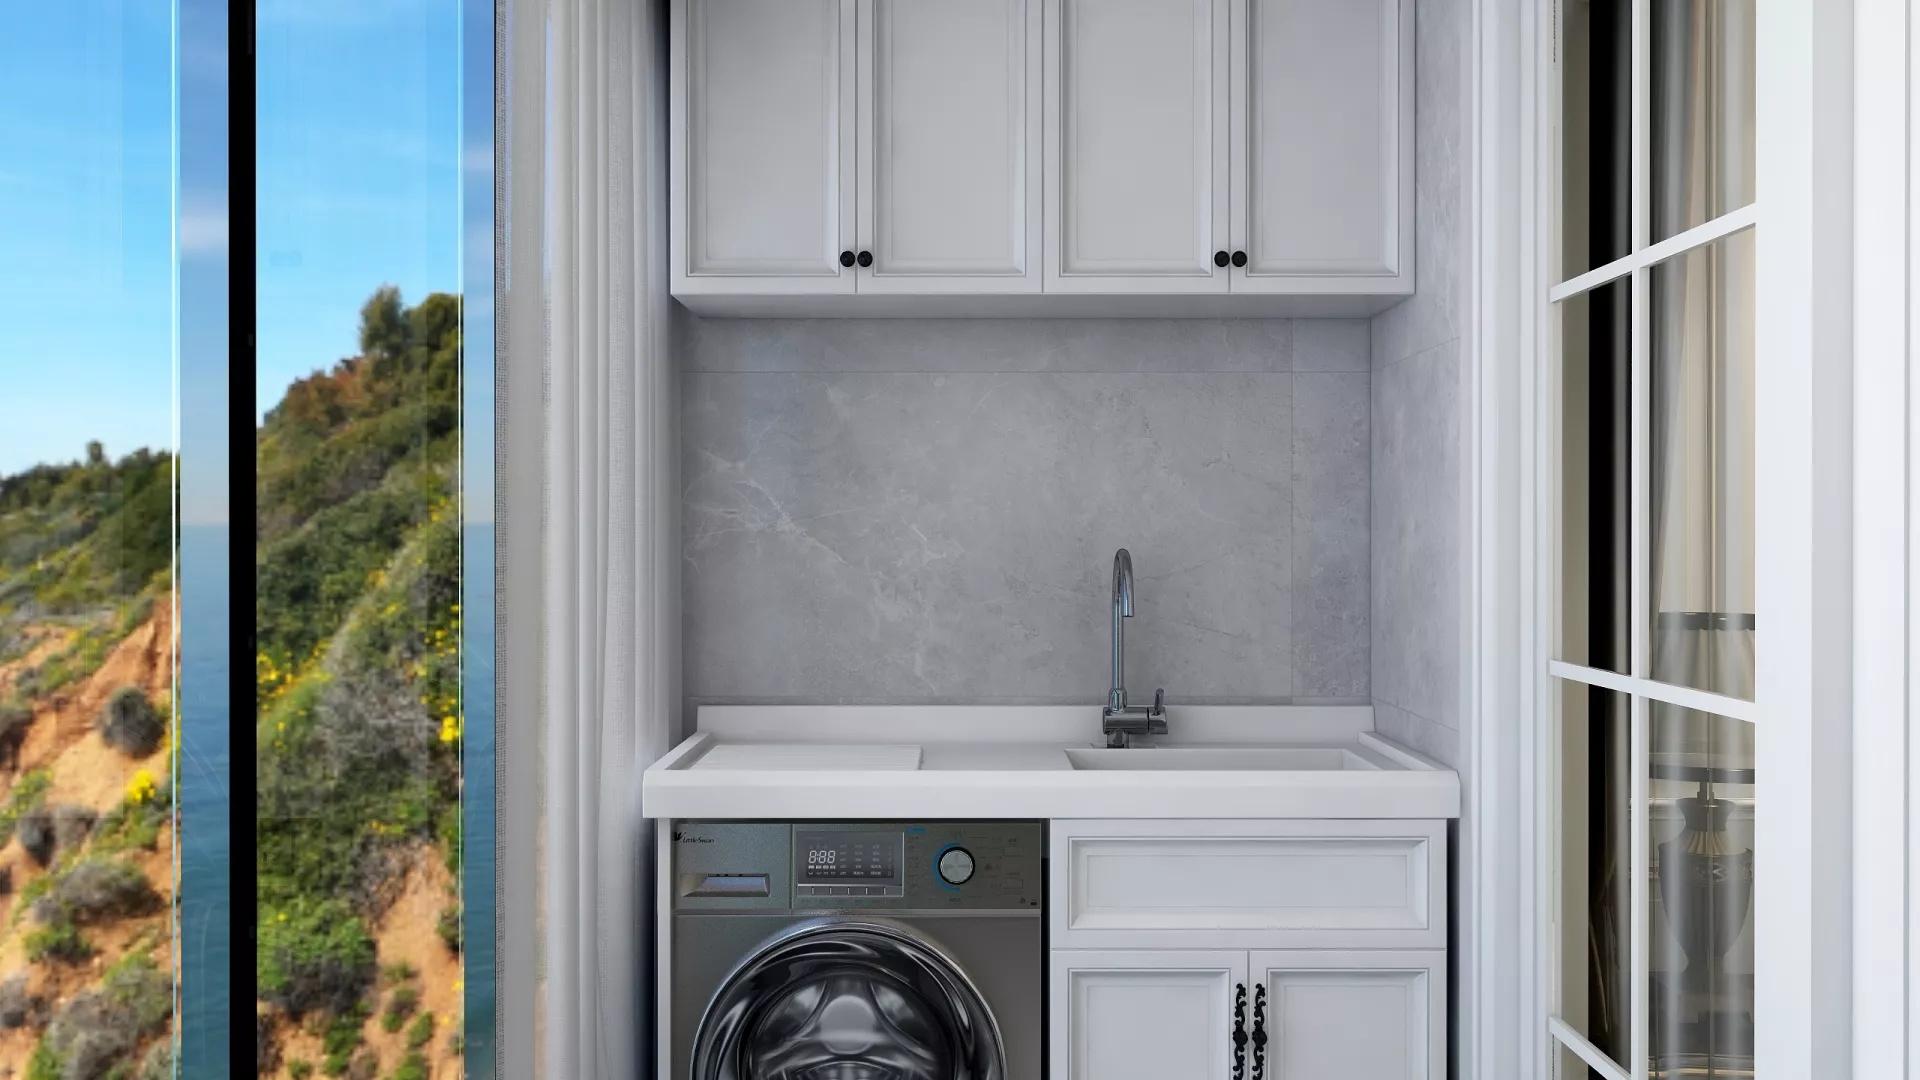 家用直饮水机哪个牌子好 直饮水机十大品牌